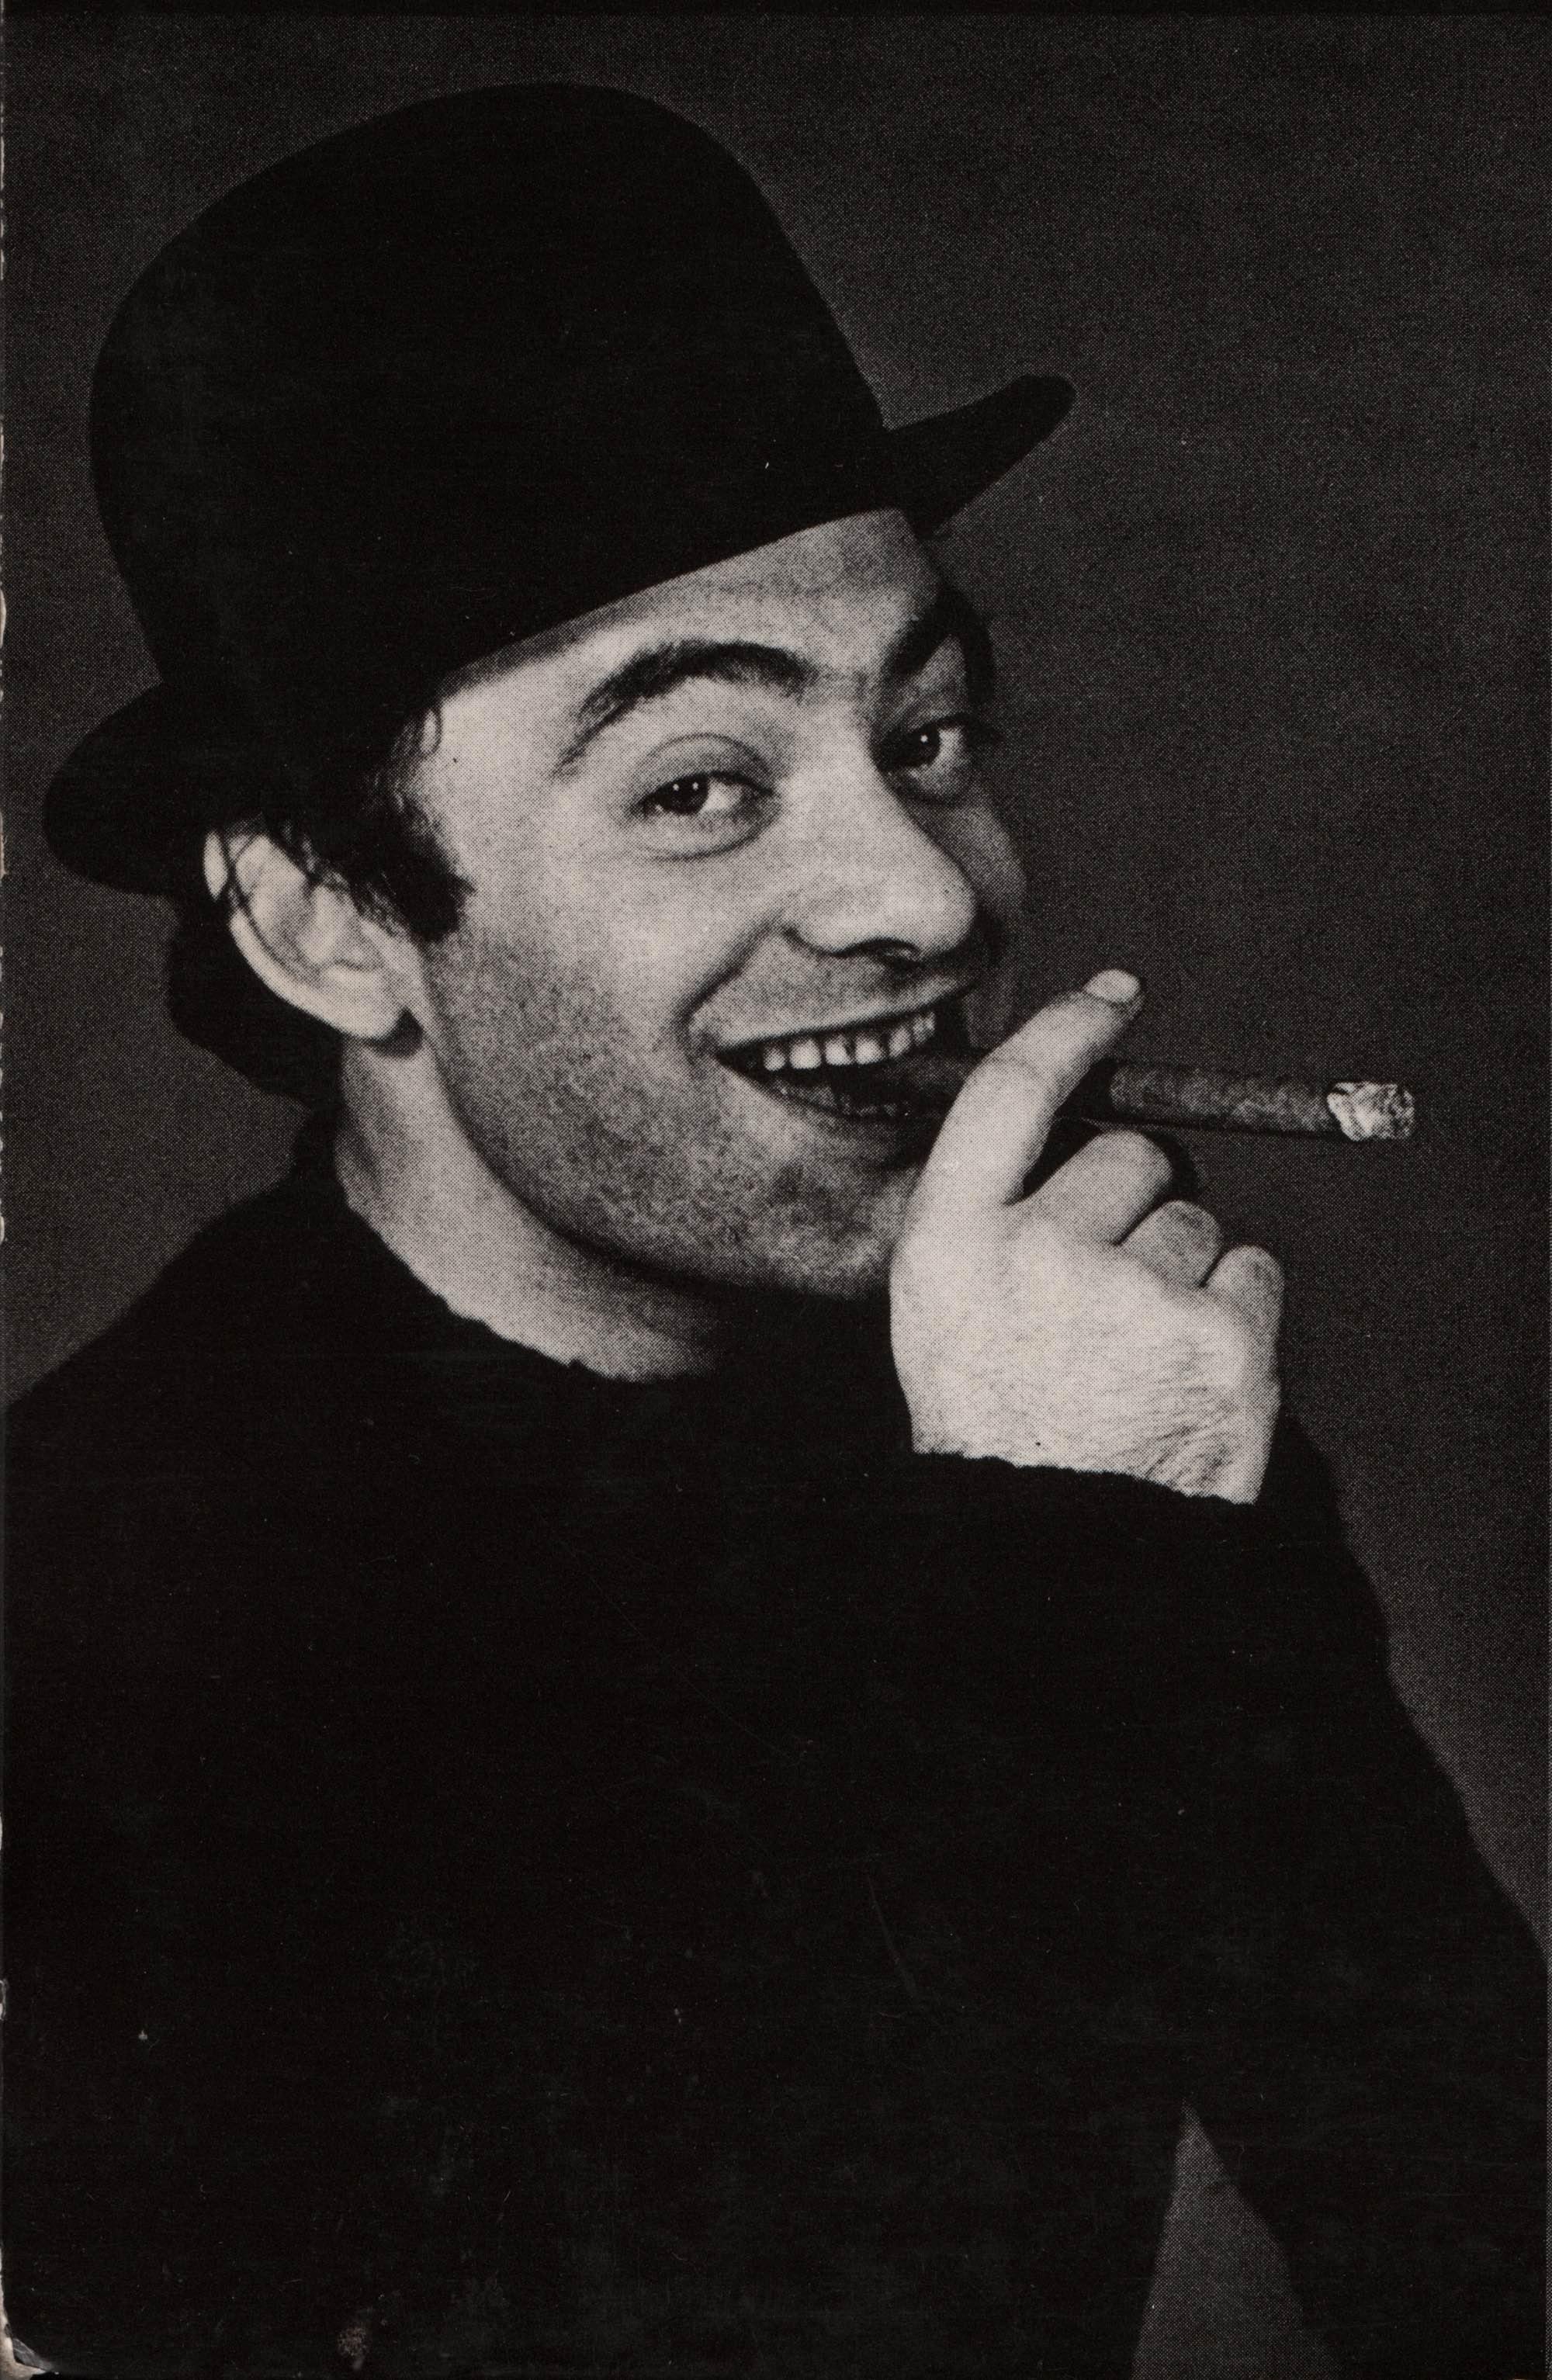 Roland Topor chapeau haut de forme et cigare Part.1-Atlaneastro